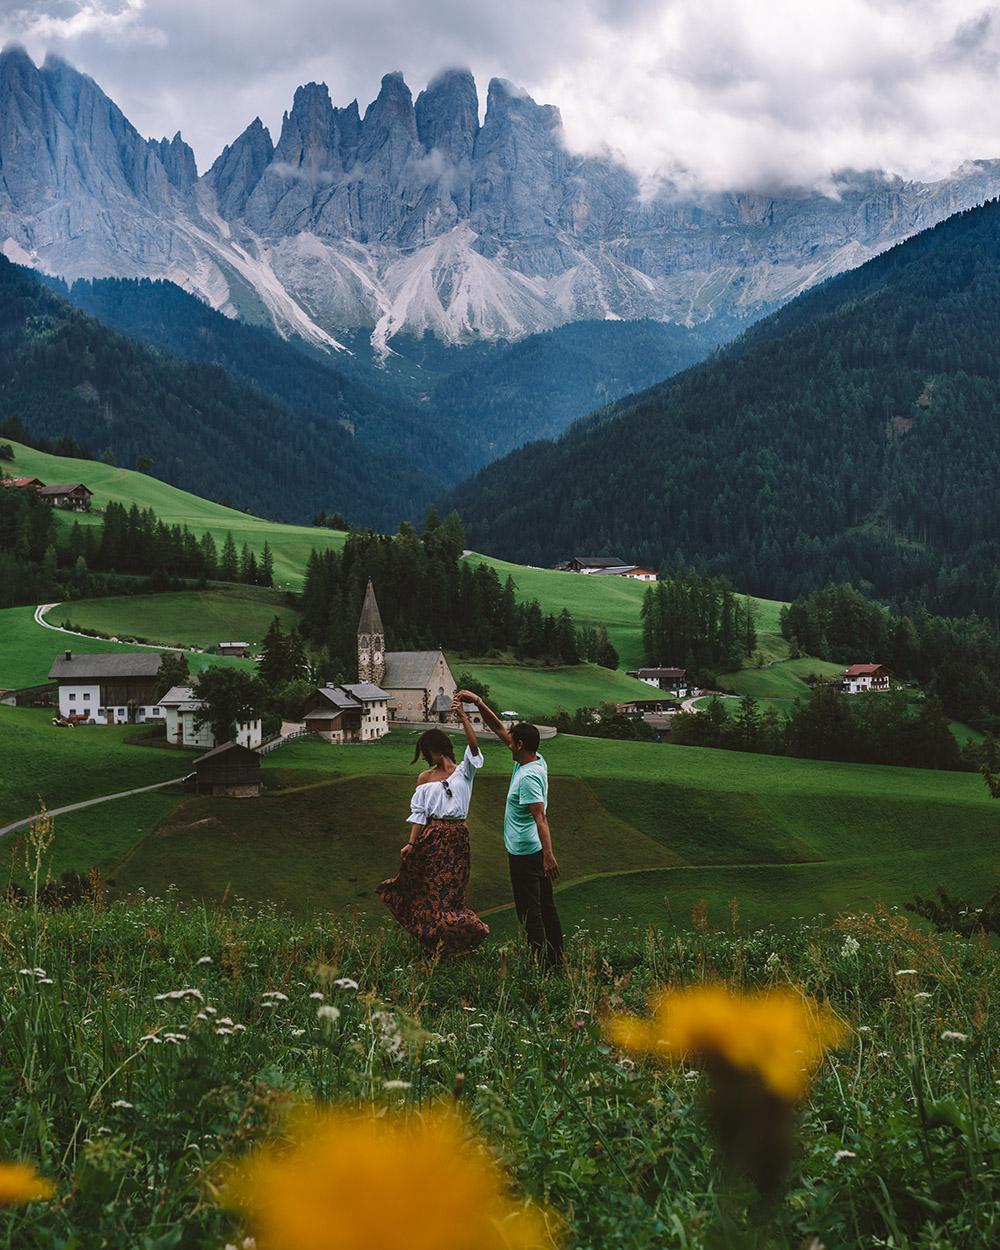 No puedes irte de Dolomitas sin visitar esta iglesia, es muy bonita